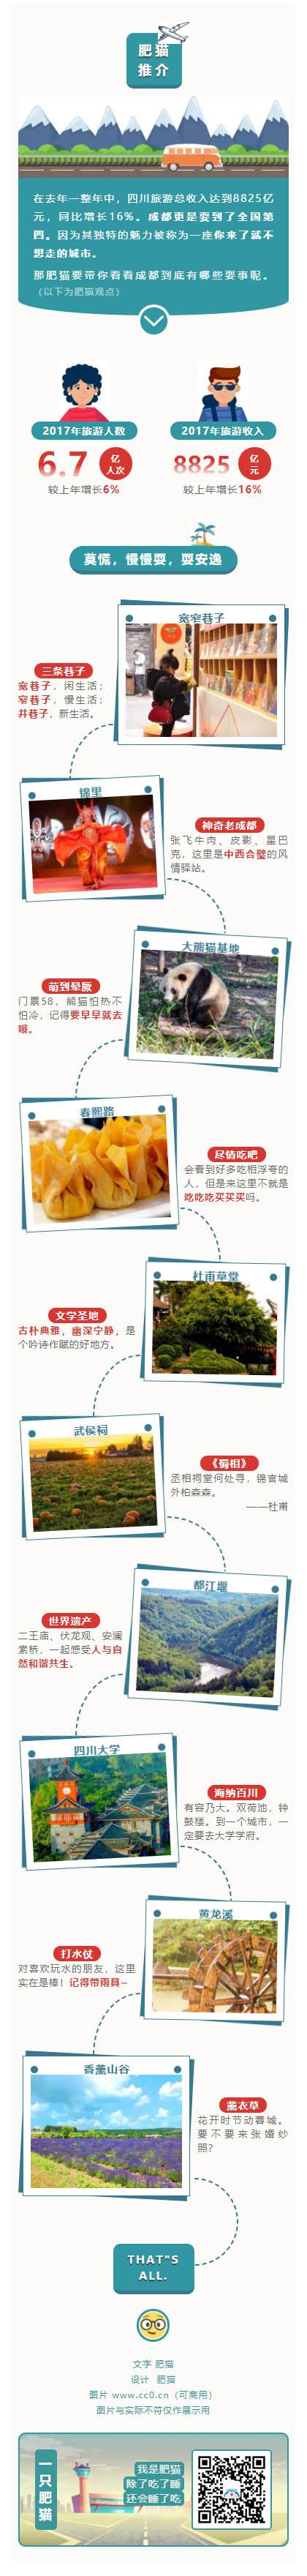 四川旅游深蓝色风景介绍景点推荐微信推送模板